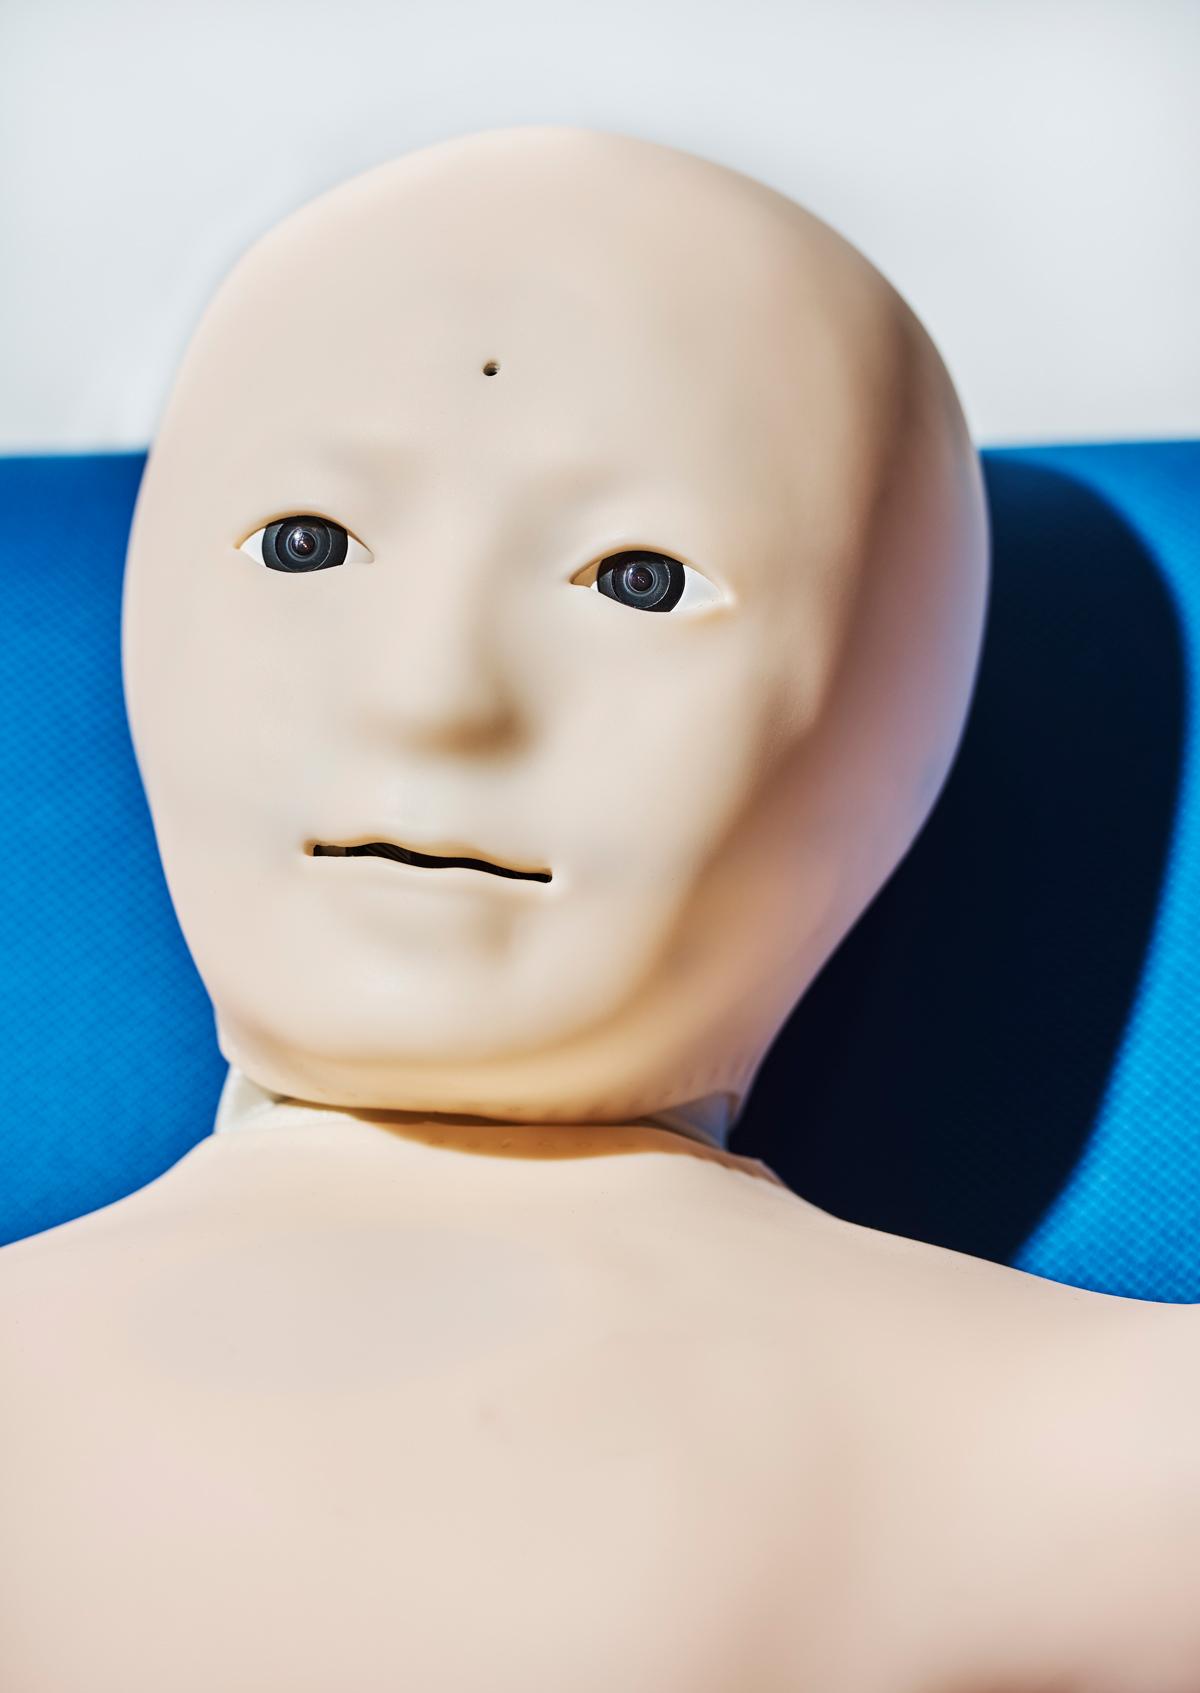 В состоянии покоя лицо теленоида такое безмятежное, что его трудно представить тревожным